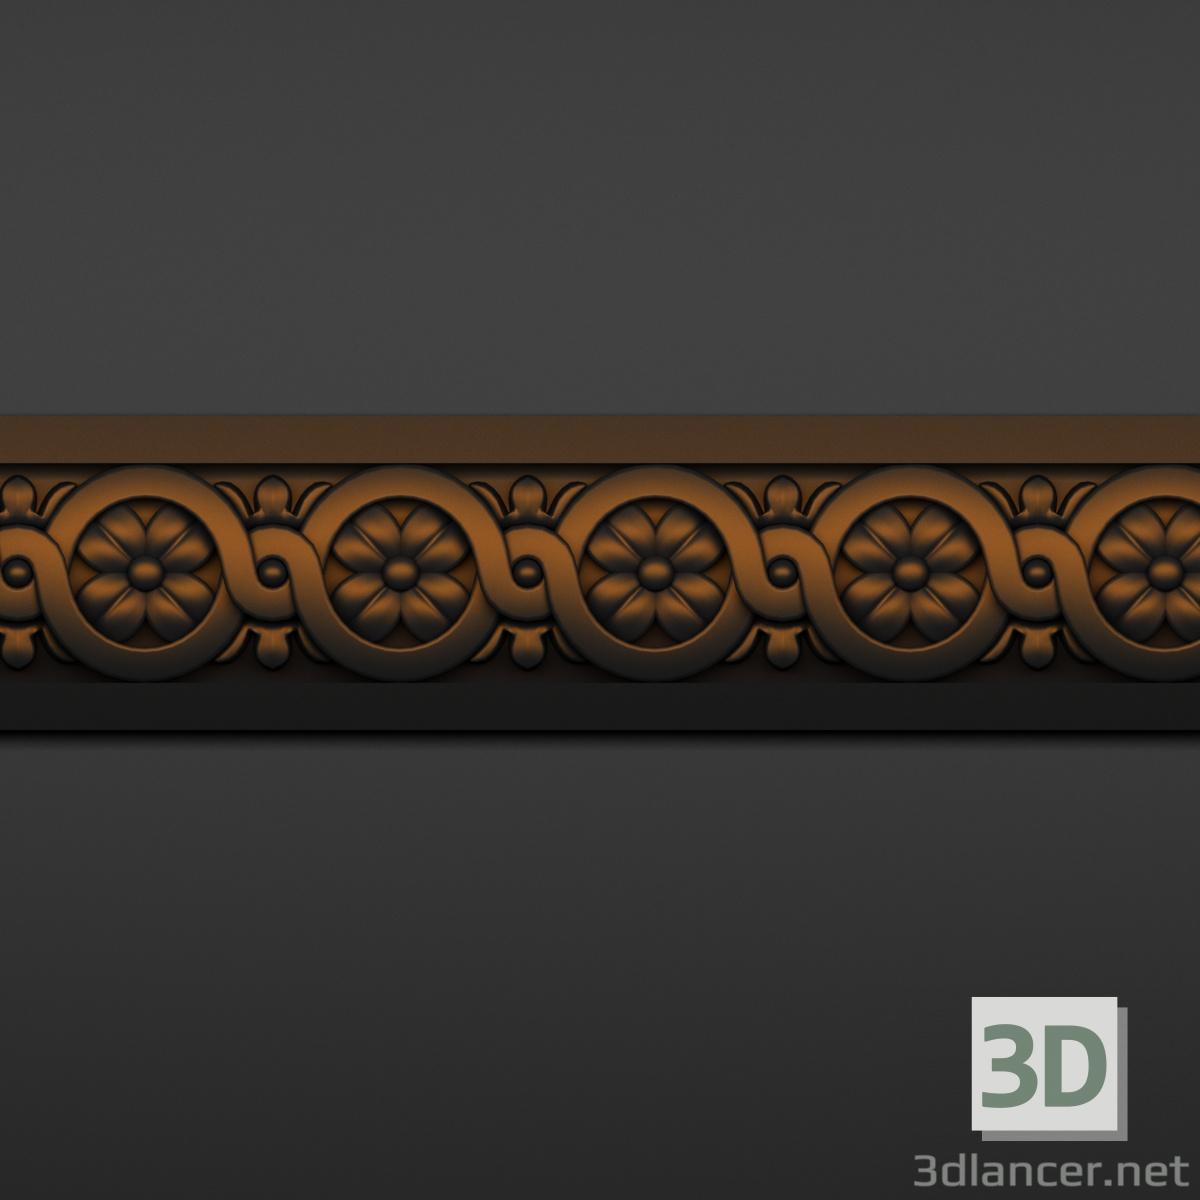 3d Decor 76 model buy - render